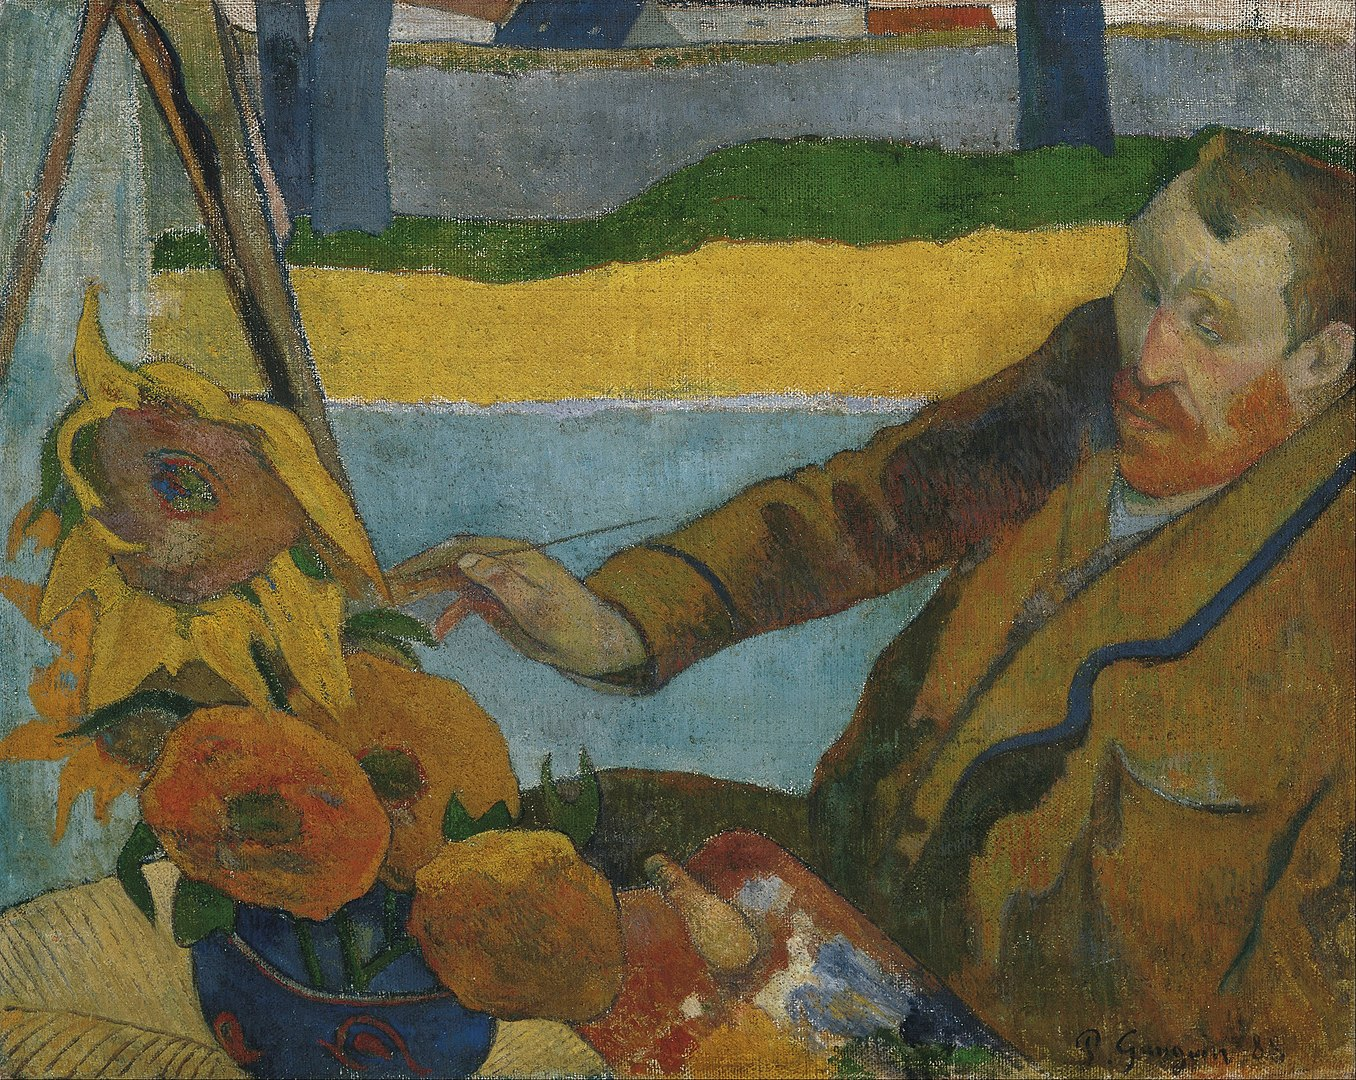 1356px-Paul_Gauguin_-_Vincent_van_Gogh_painting_sunflowers_-_Google_Art_Project